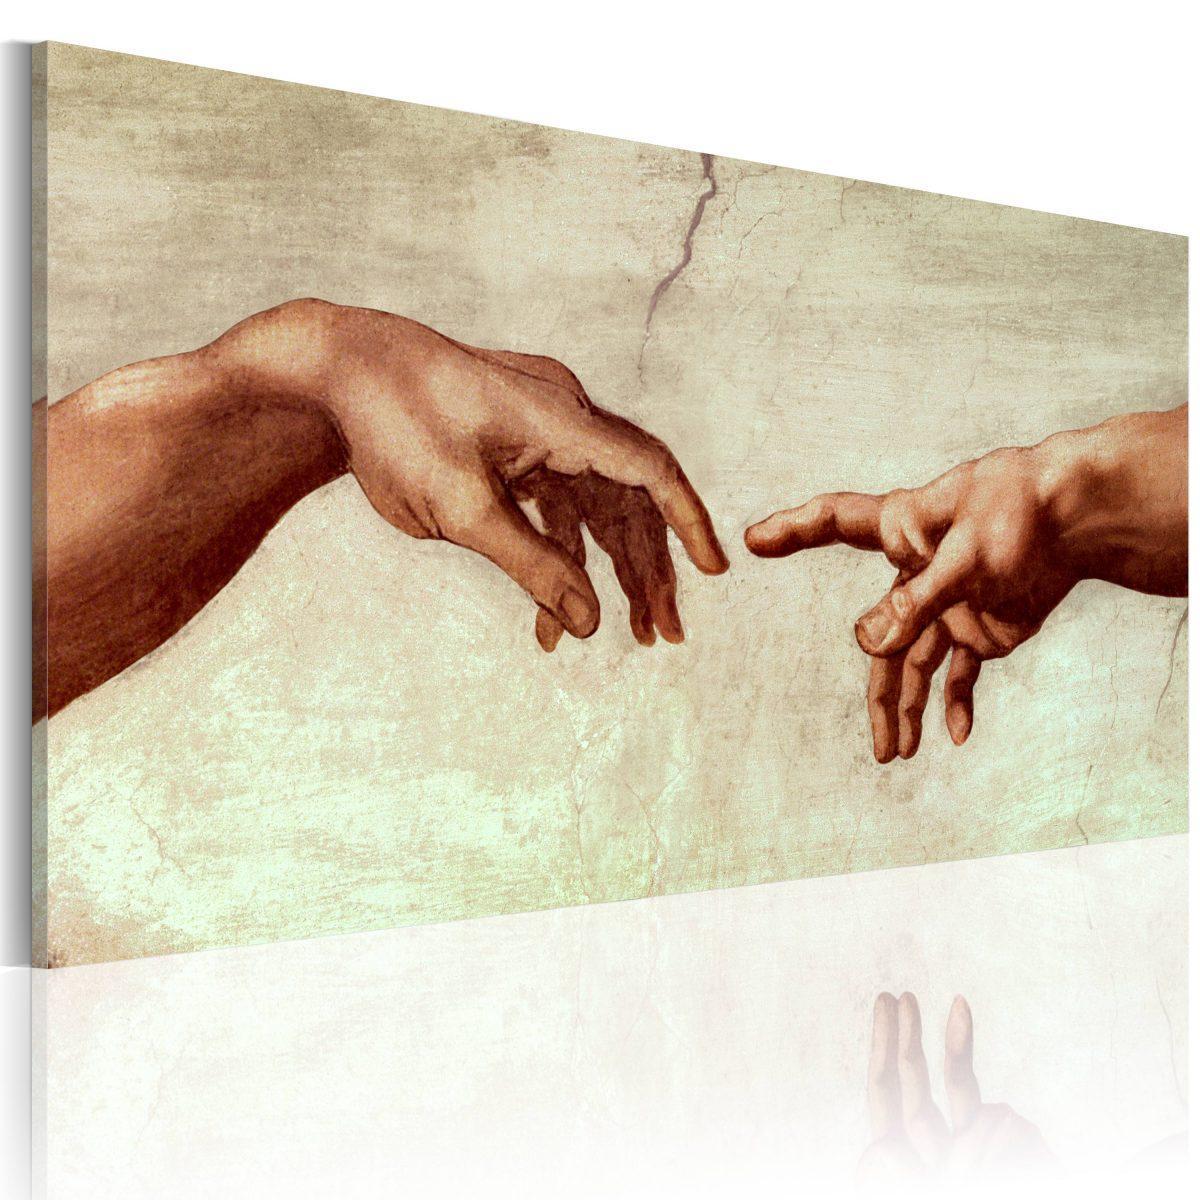 Handmålad tavla - Skapandet av Adam: fragment av målning